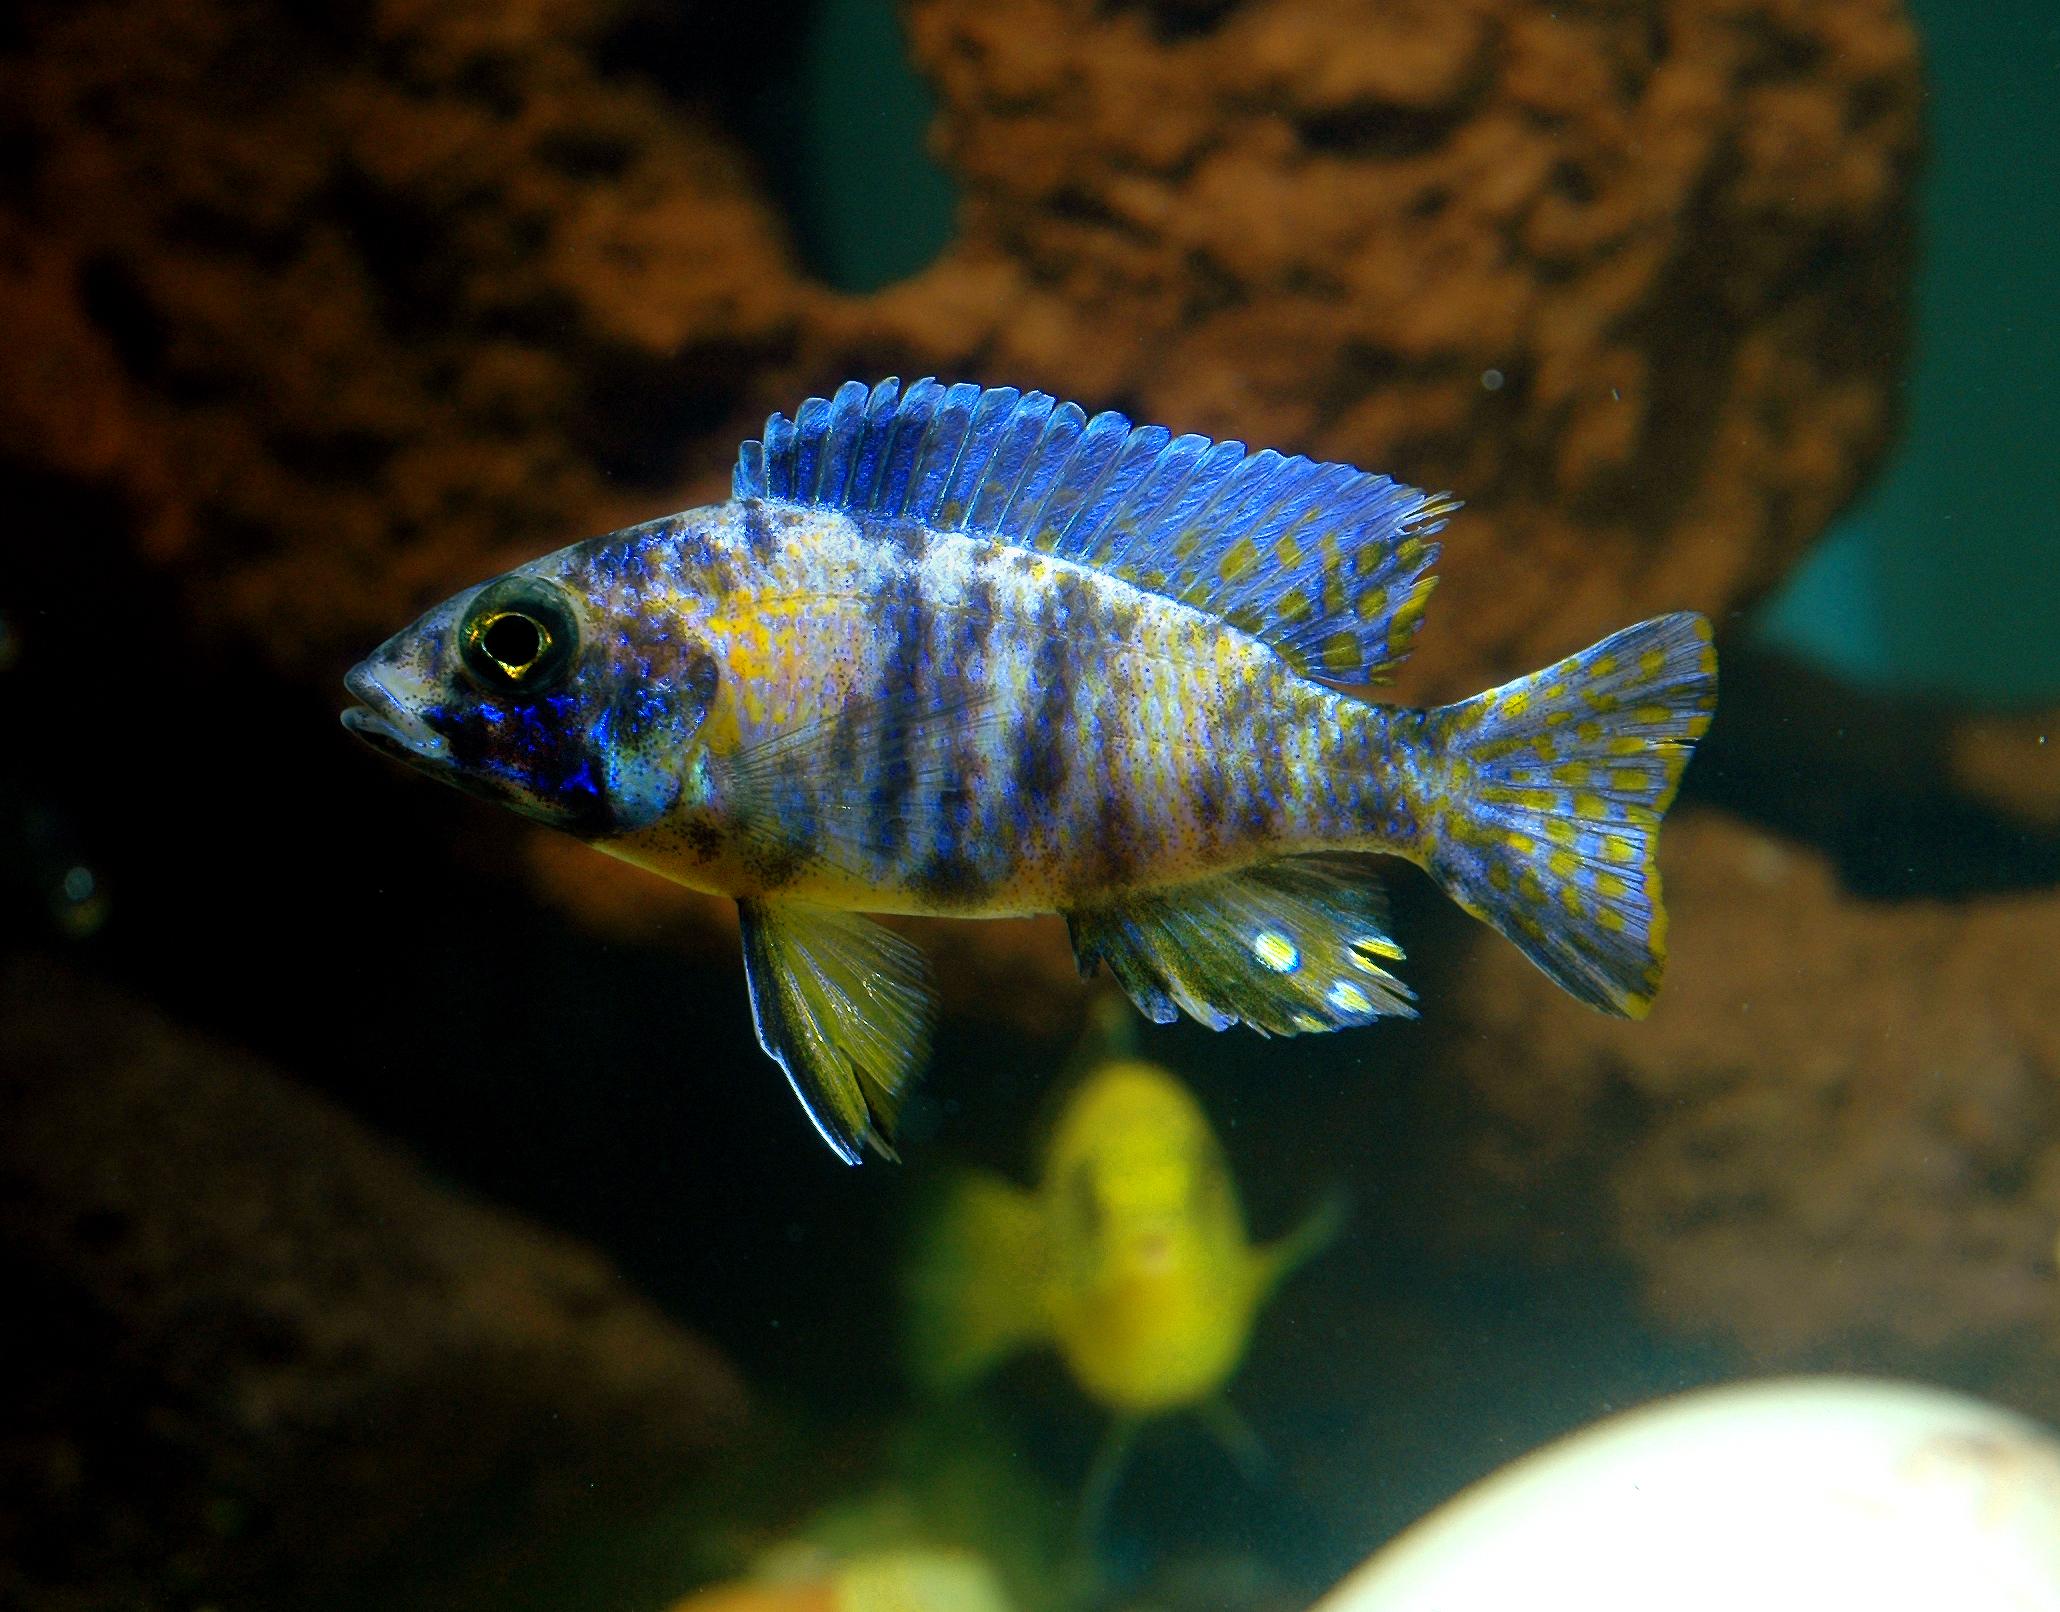 cichlids.com: Orange Blotch Peacock